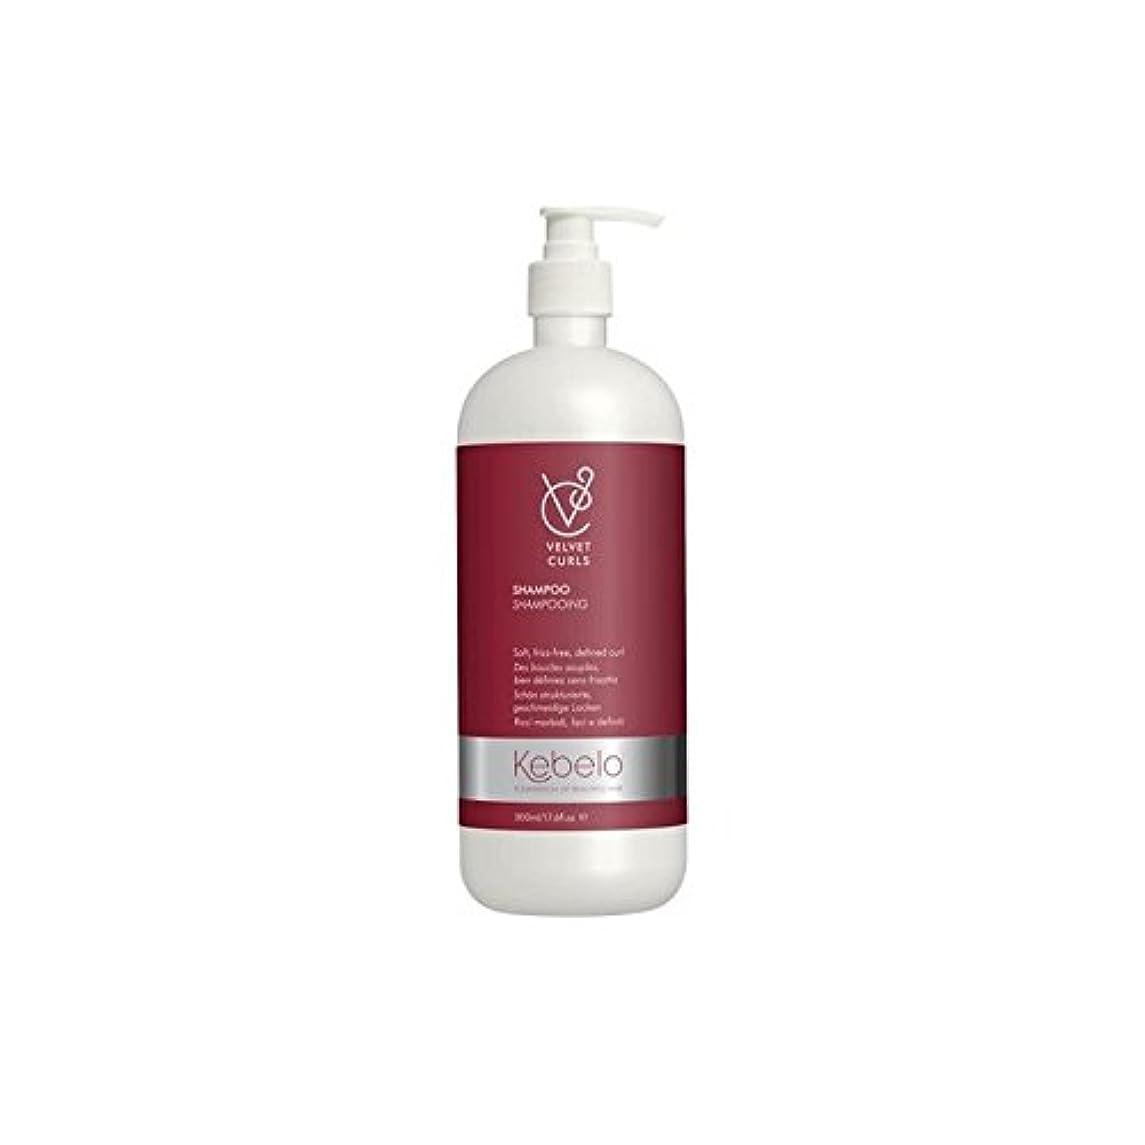 高価なクライマックス温帯ベルベットのカールシャンプー(500ミリリットル) x2 - Kebelo Velvet Curls Shampoo (500ml) (Pack of 2) [並行輸入品]